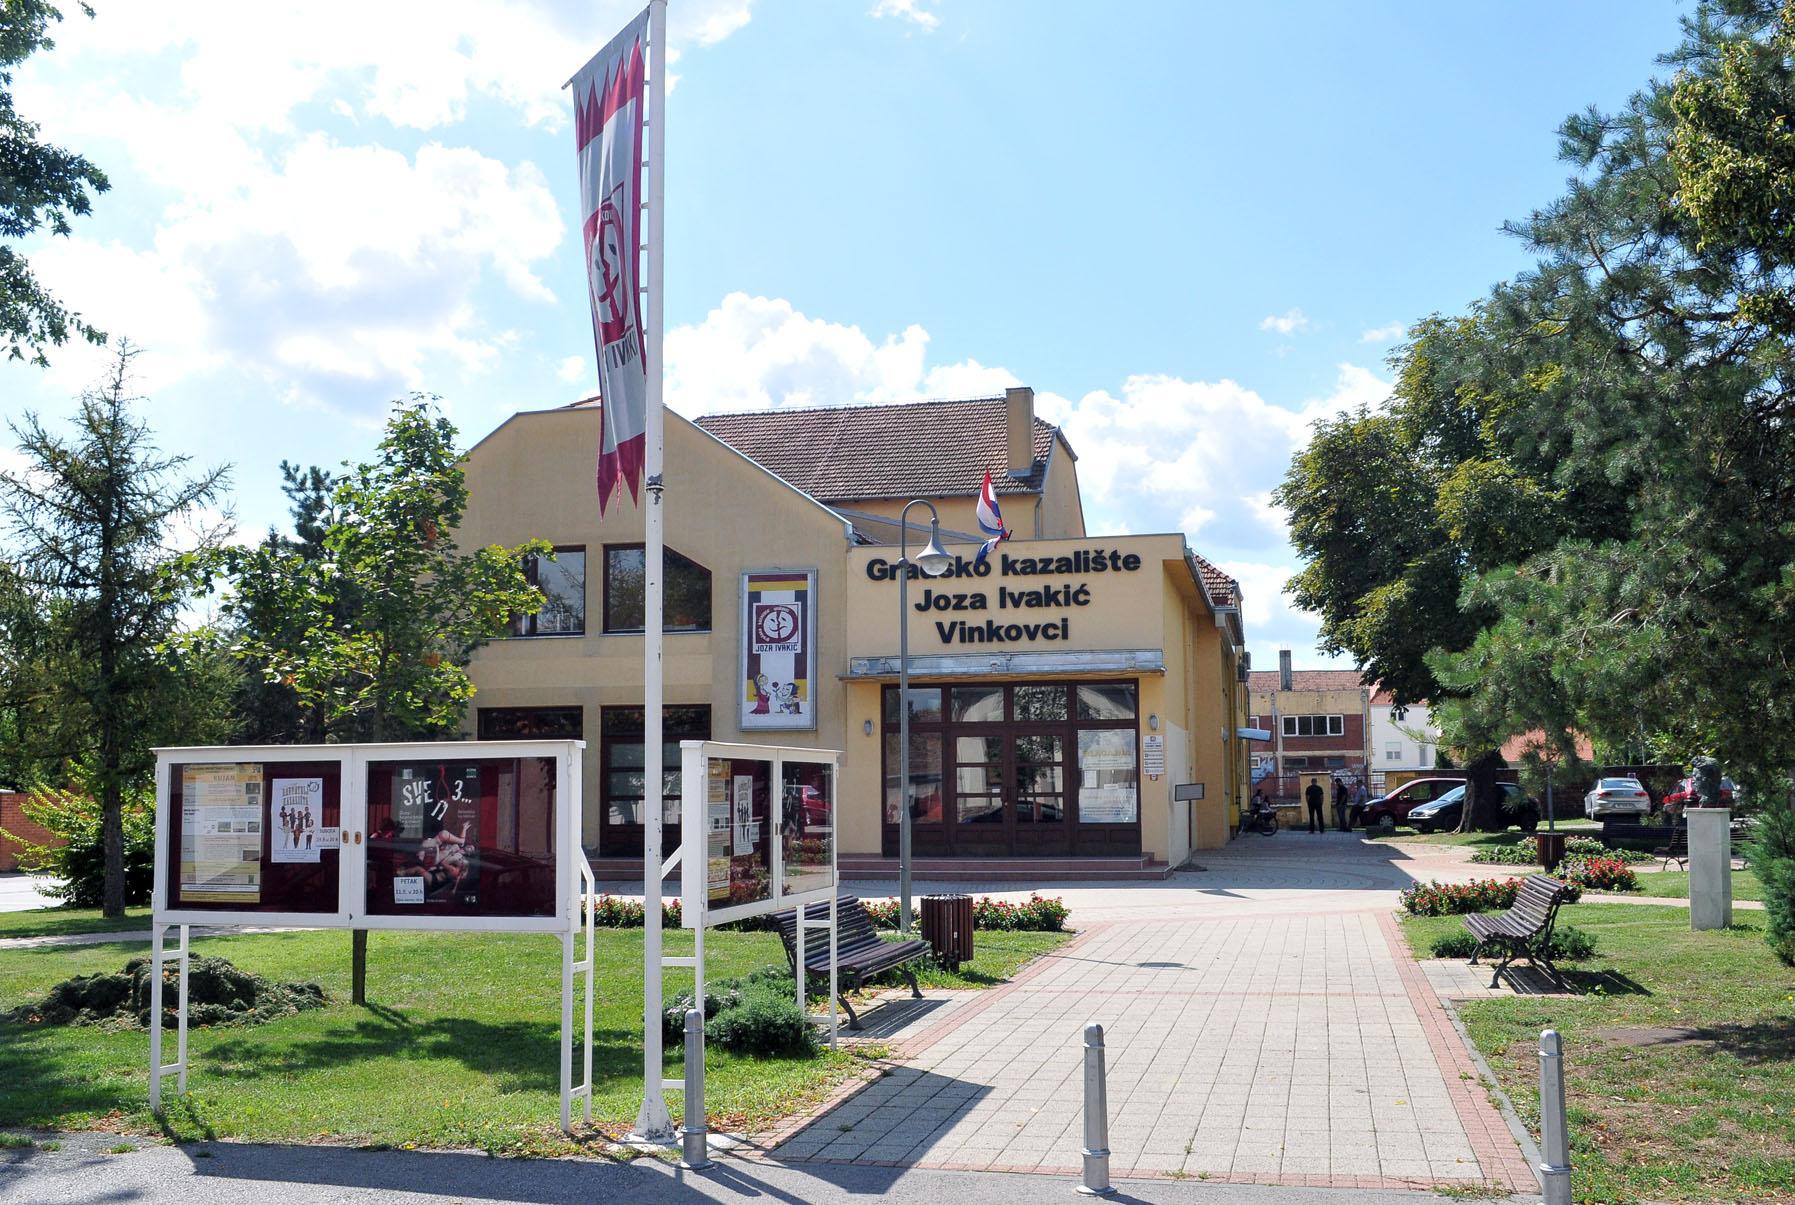 Zgrada Gradskog kazališta Joza Ivakić Vinkovci